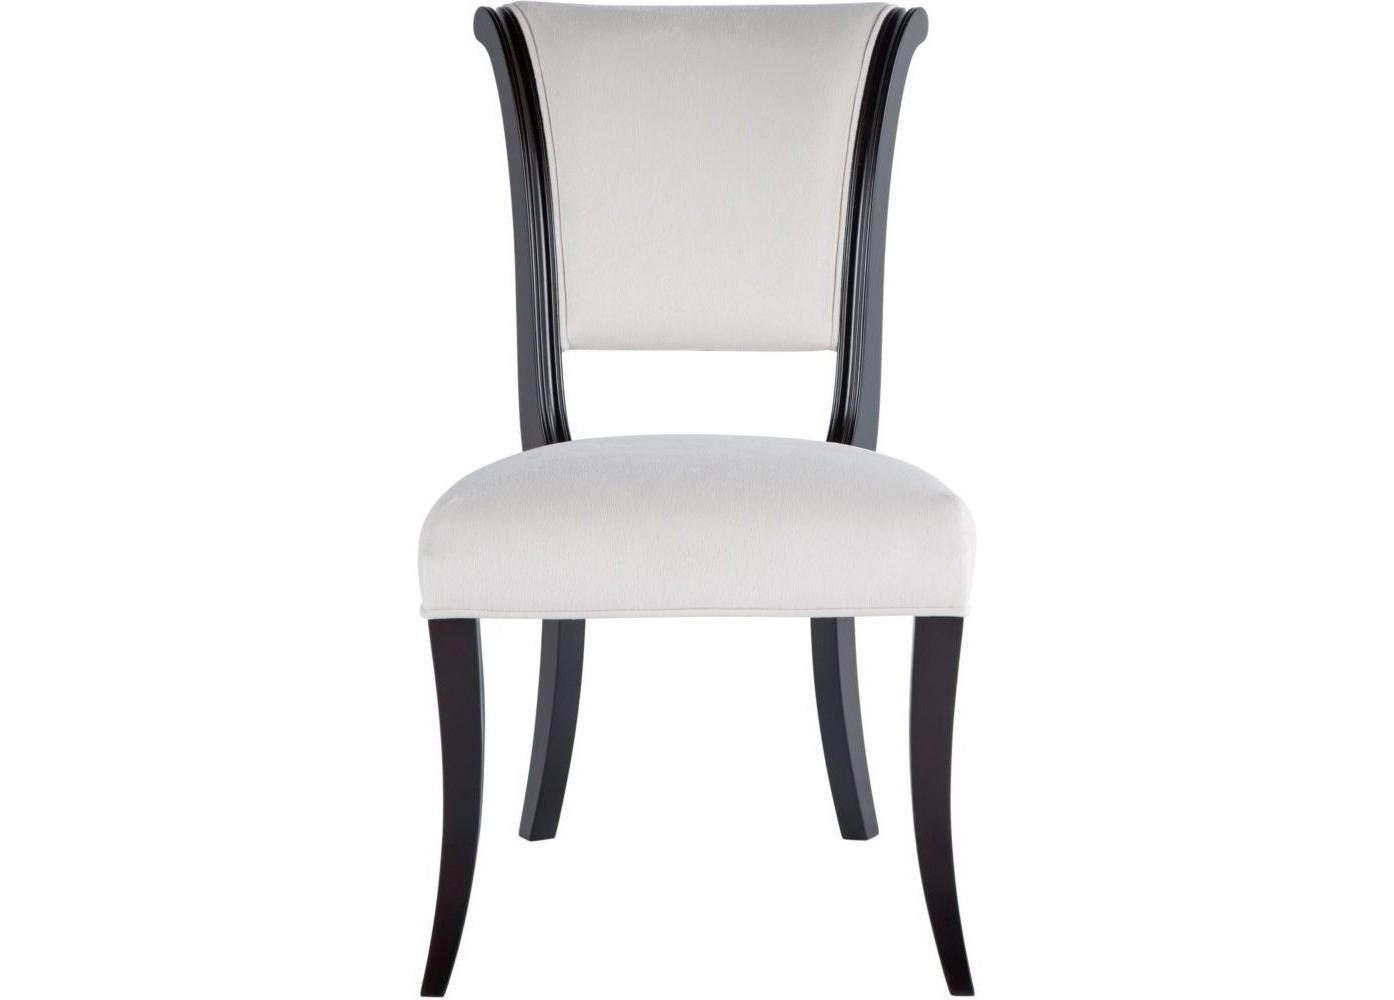 СтулОбеденные стулья<br><br><br>Material: Дерево<br>Ширина см: 52<br>Высота см: 91<br>Глубина см: 65